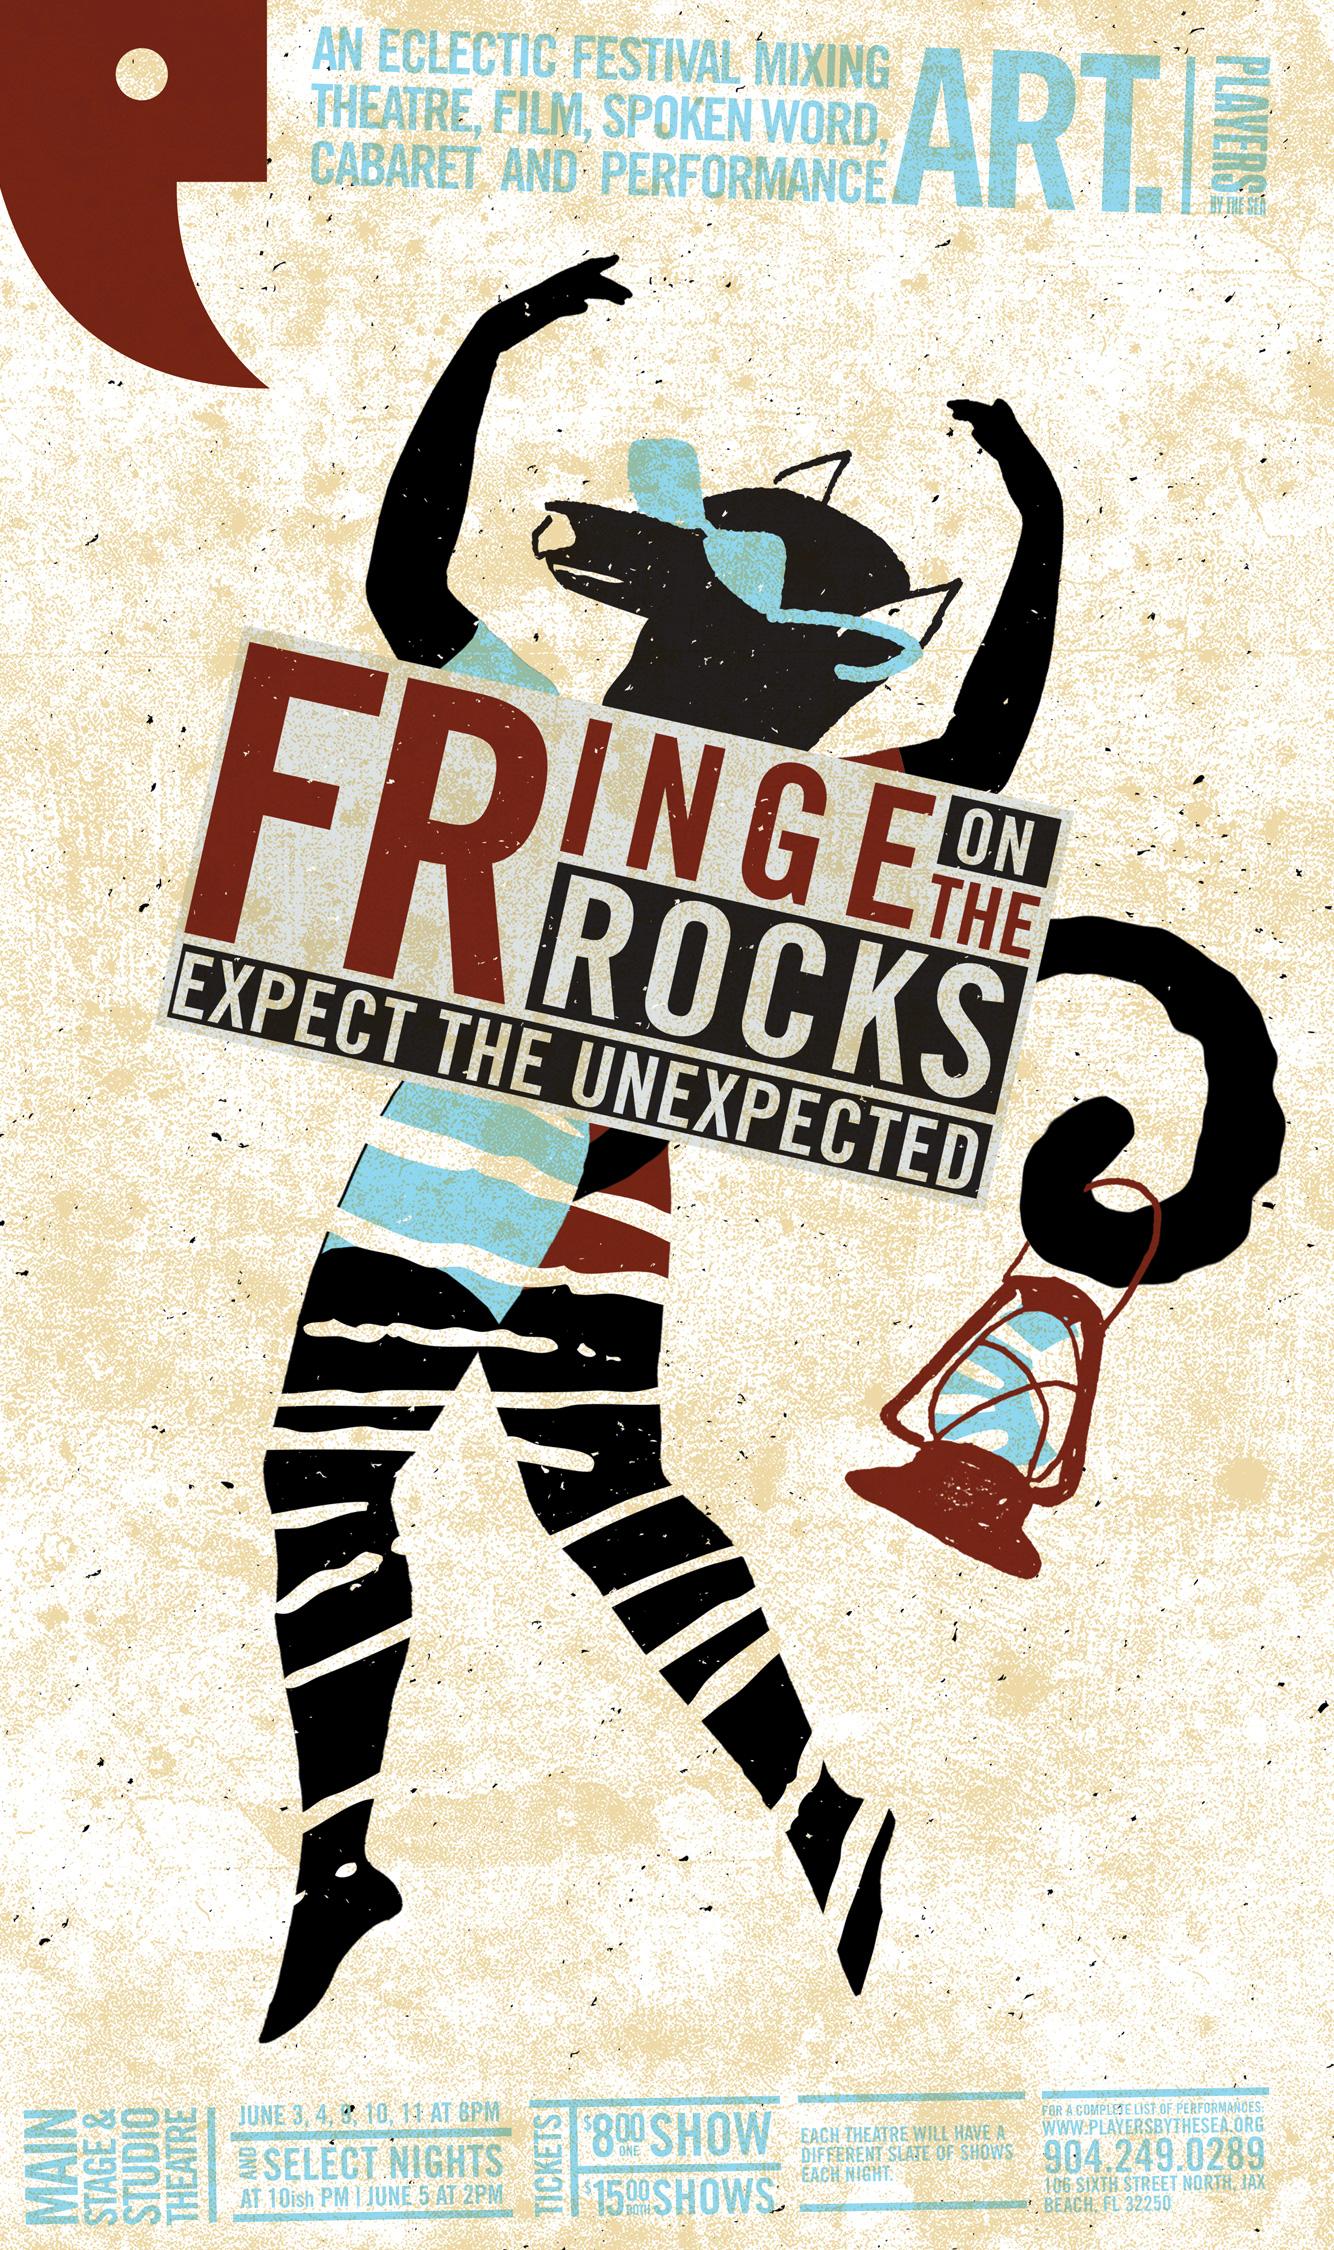 Fringe On The Rocks poster